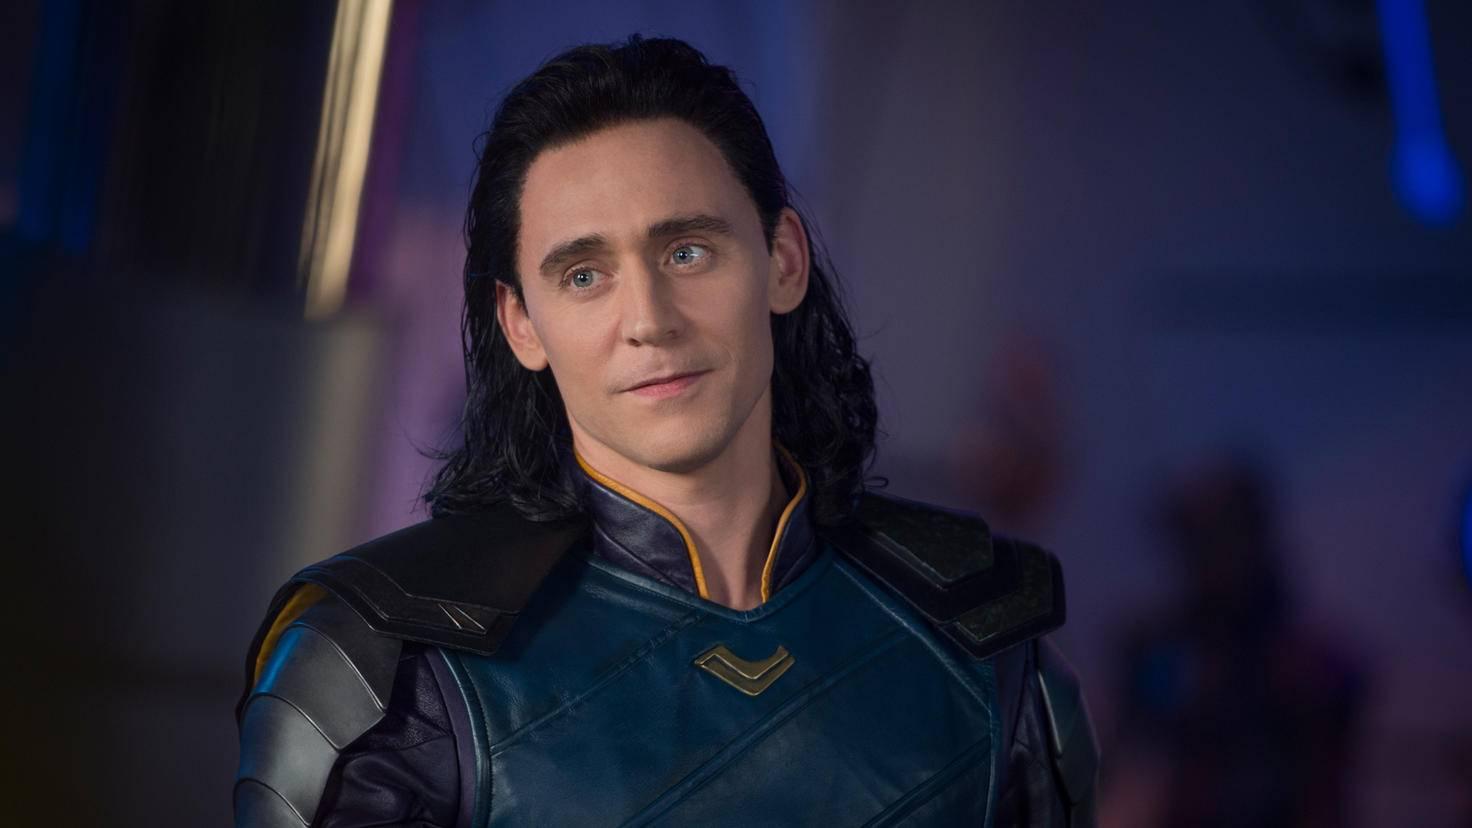 Auch Loki (Tom Hiddleston) bekommt seine eigene Serie auf Disney+.